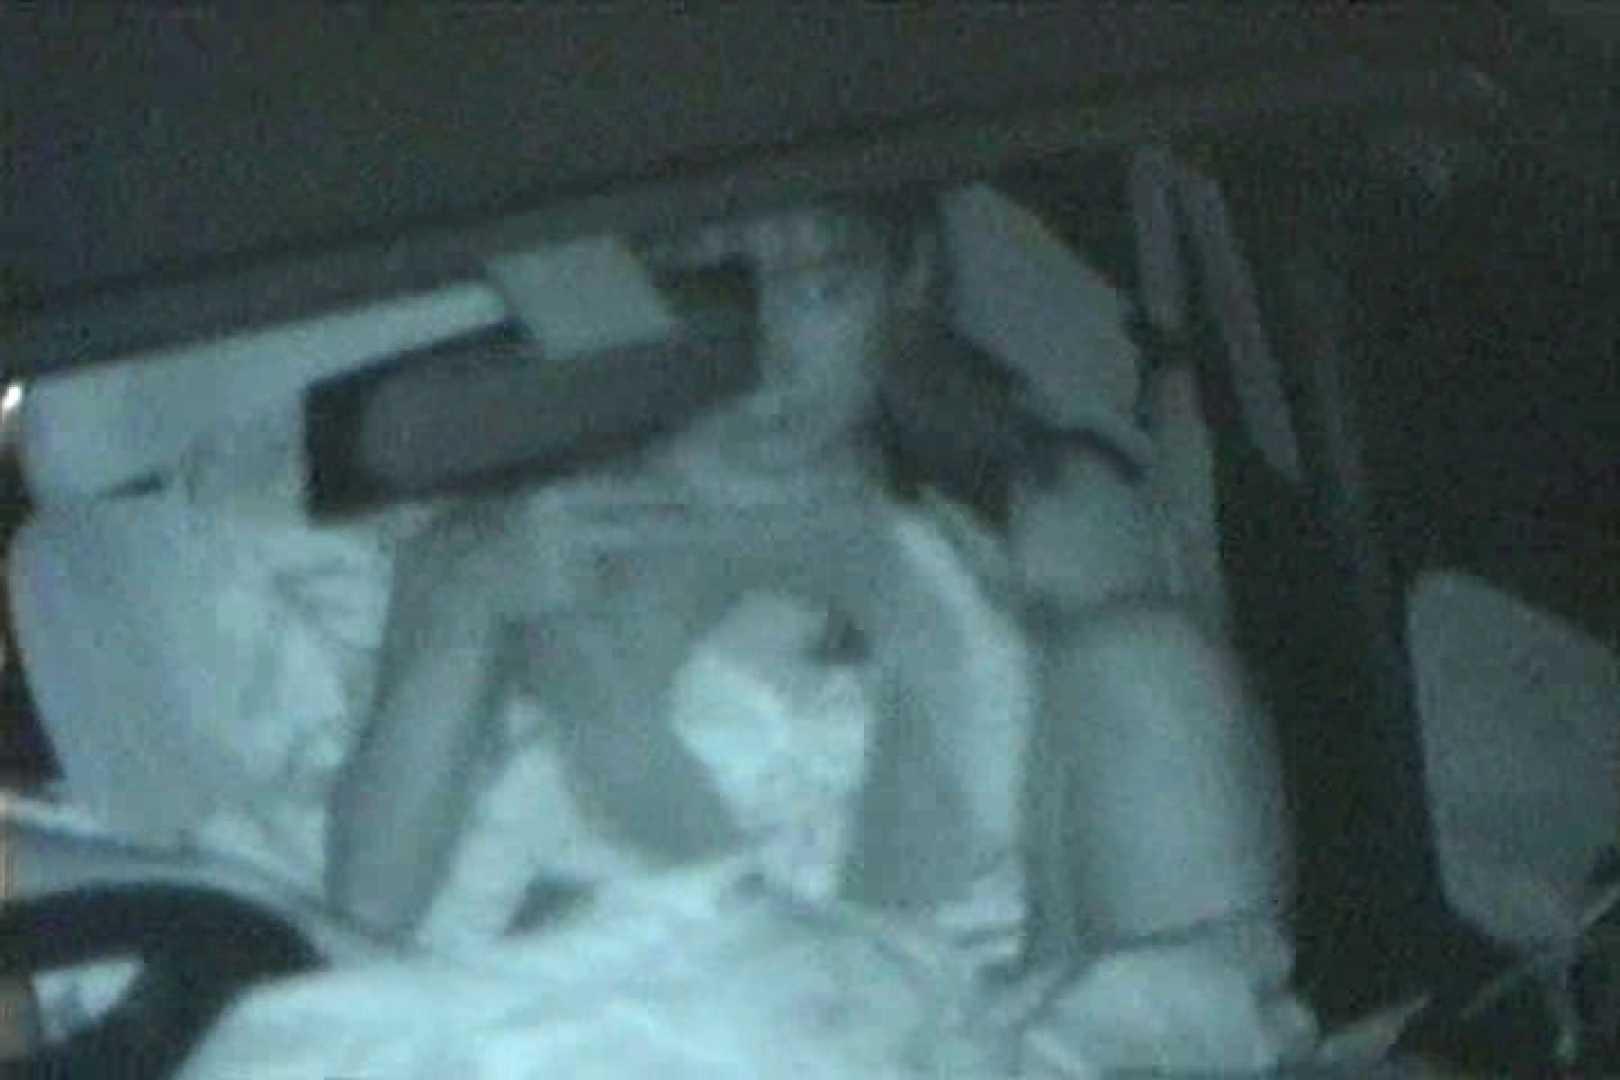 車の中はラブホテル 無修正版  Vol.27 マンコ 濡れ場動画紹介 58画像 4